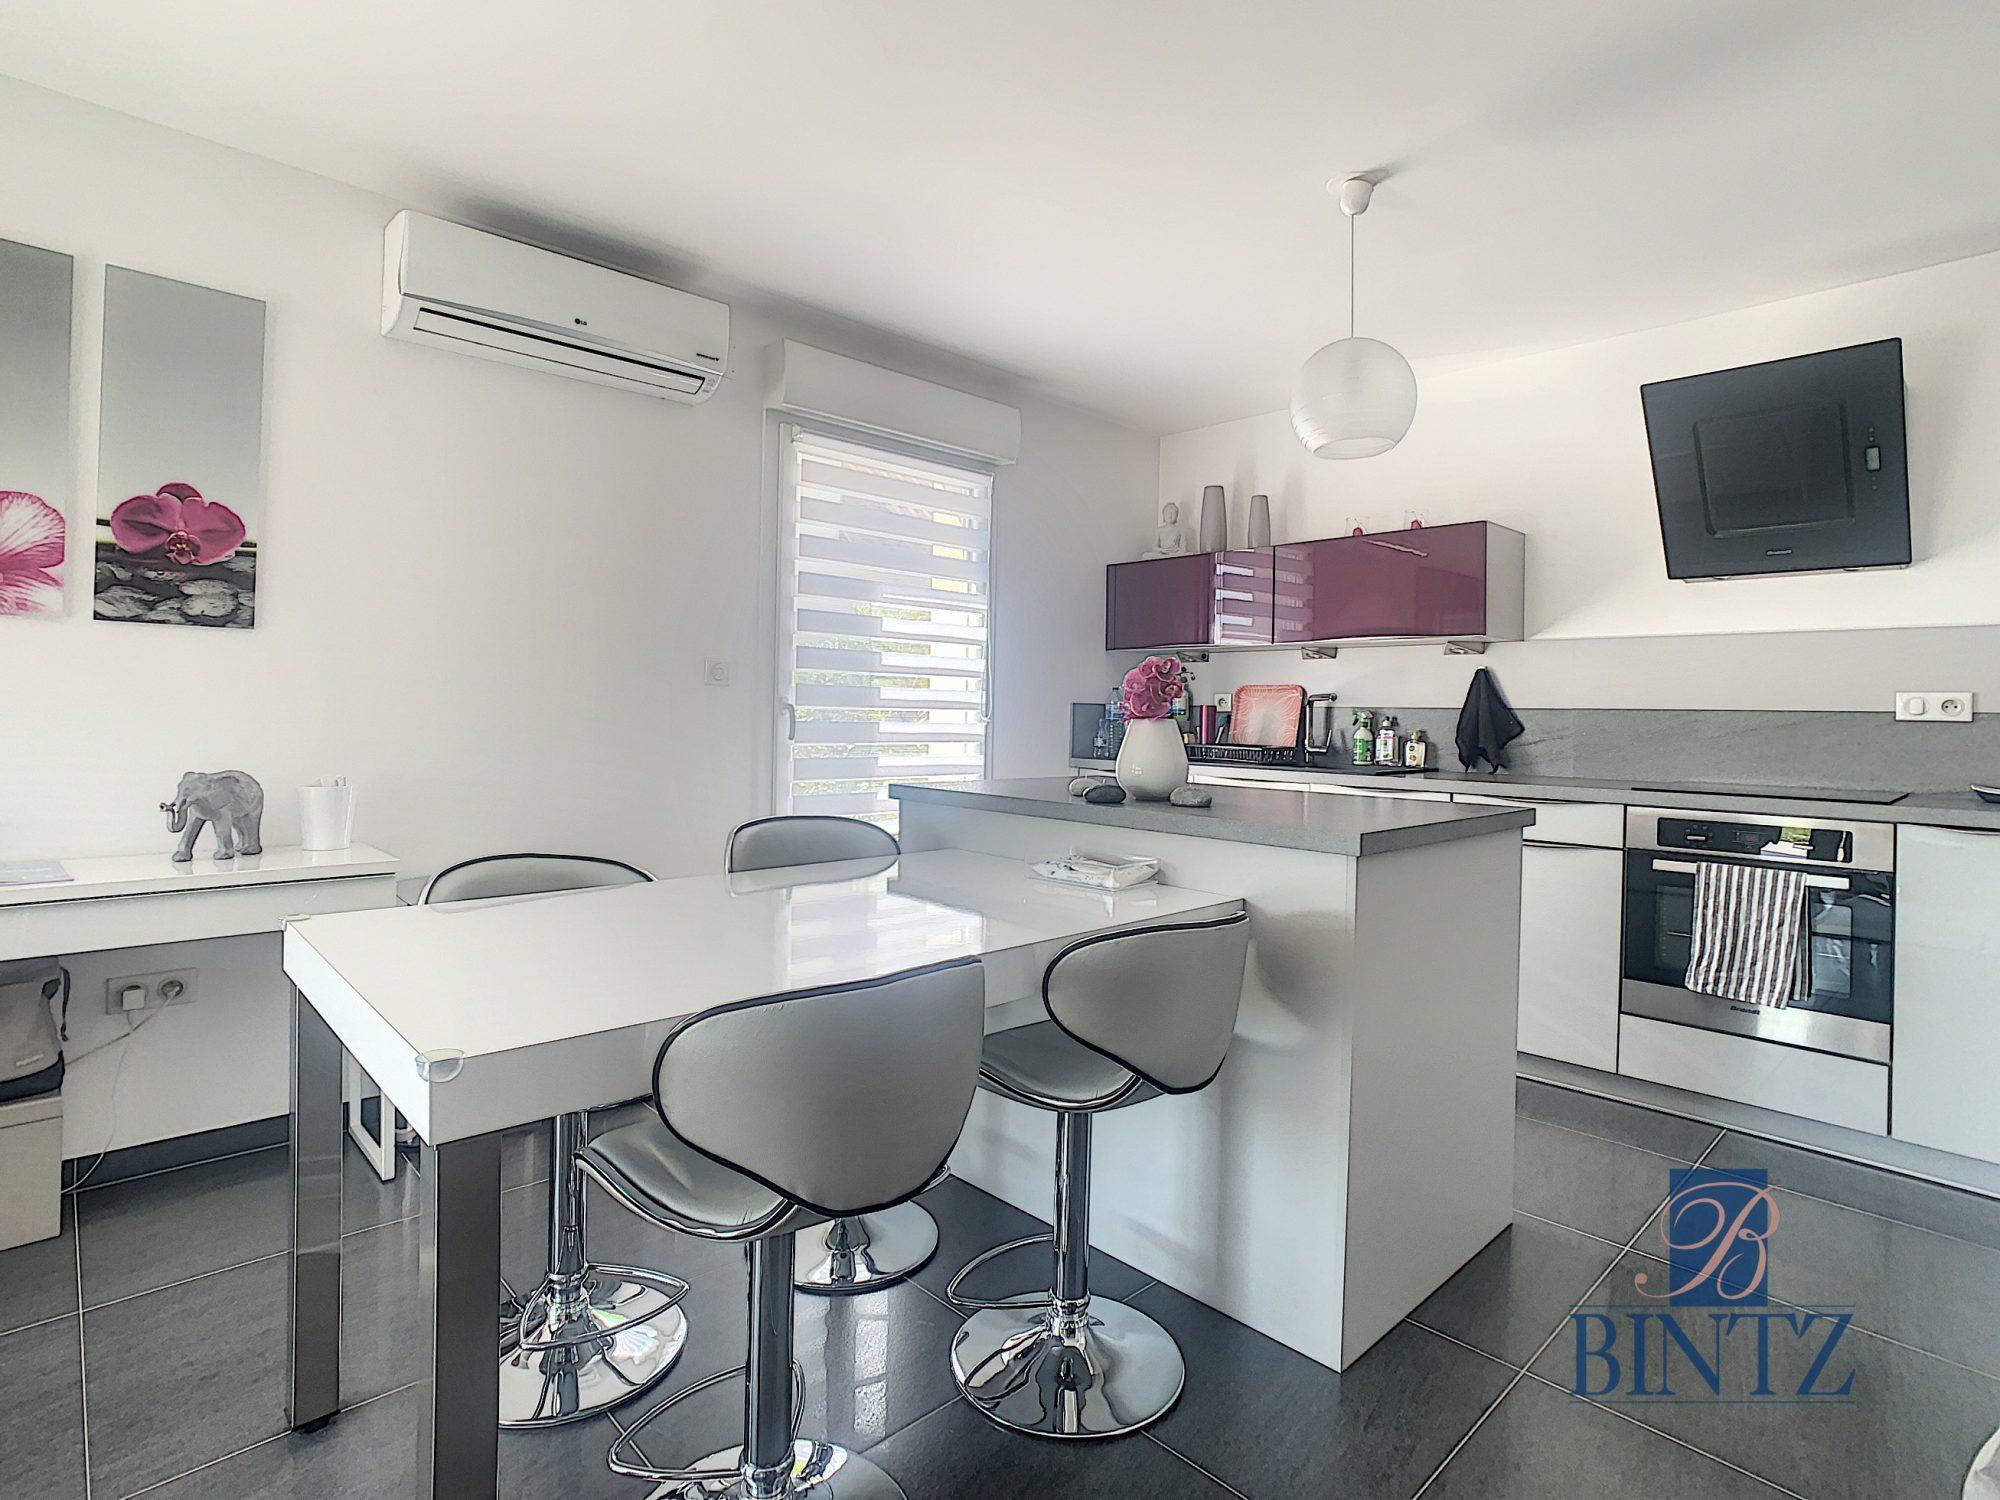 Appartement 4 pièces Duplex rez-de-jardin - Devenez propriétaire en toute confiance - Bintz Immobilier - 7